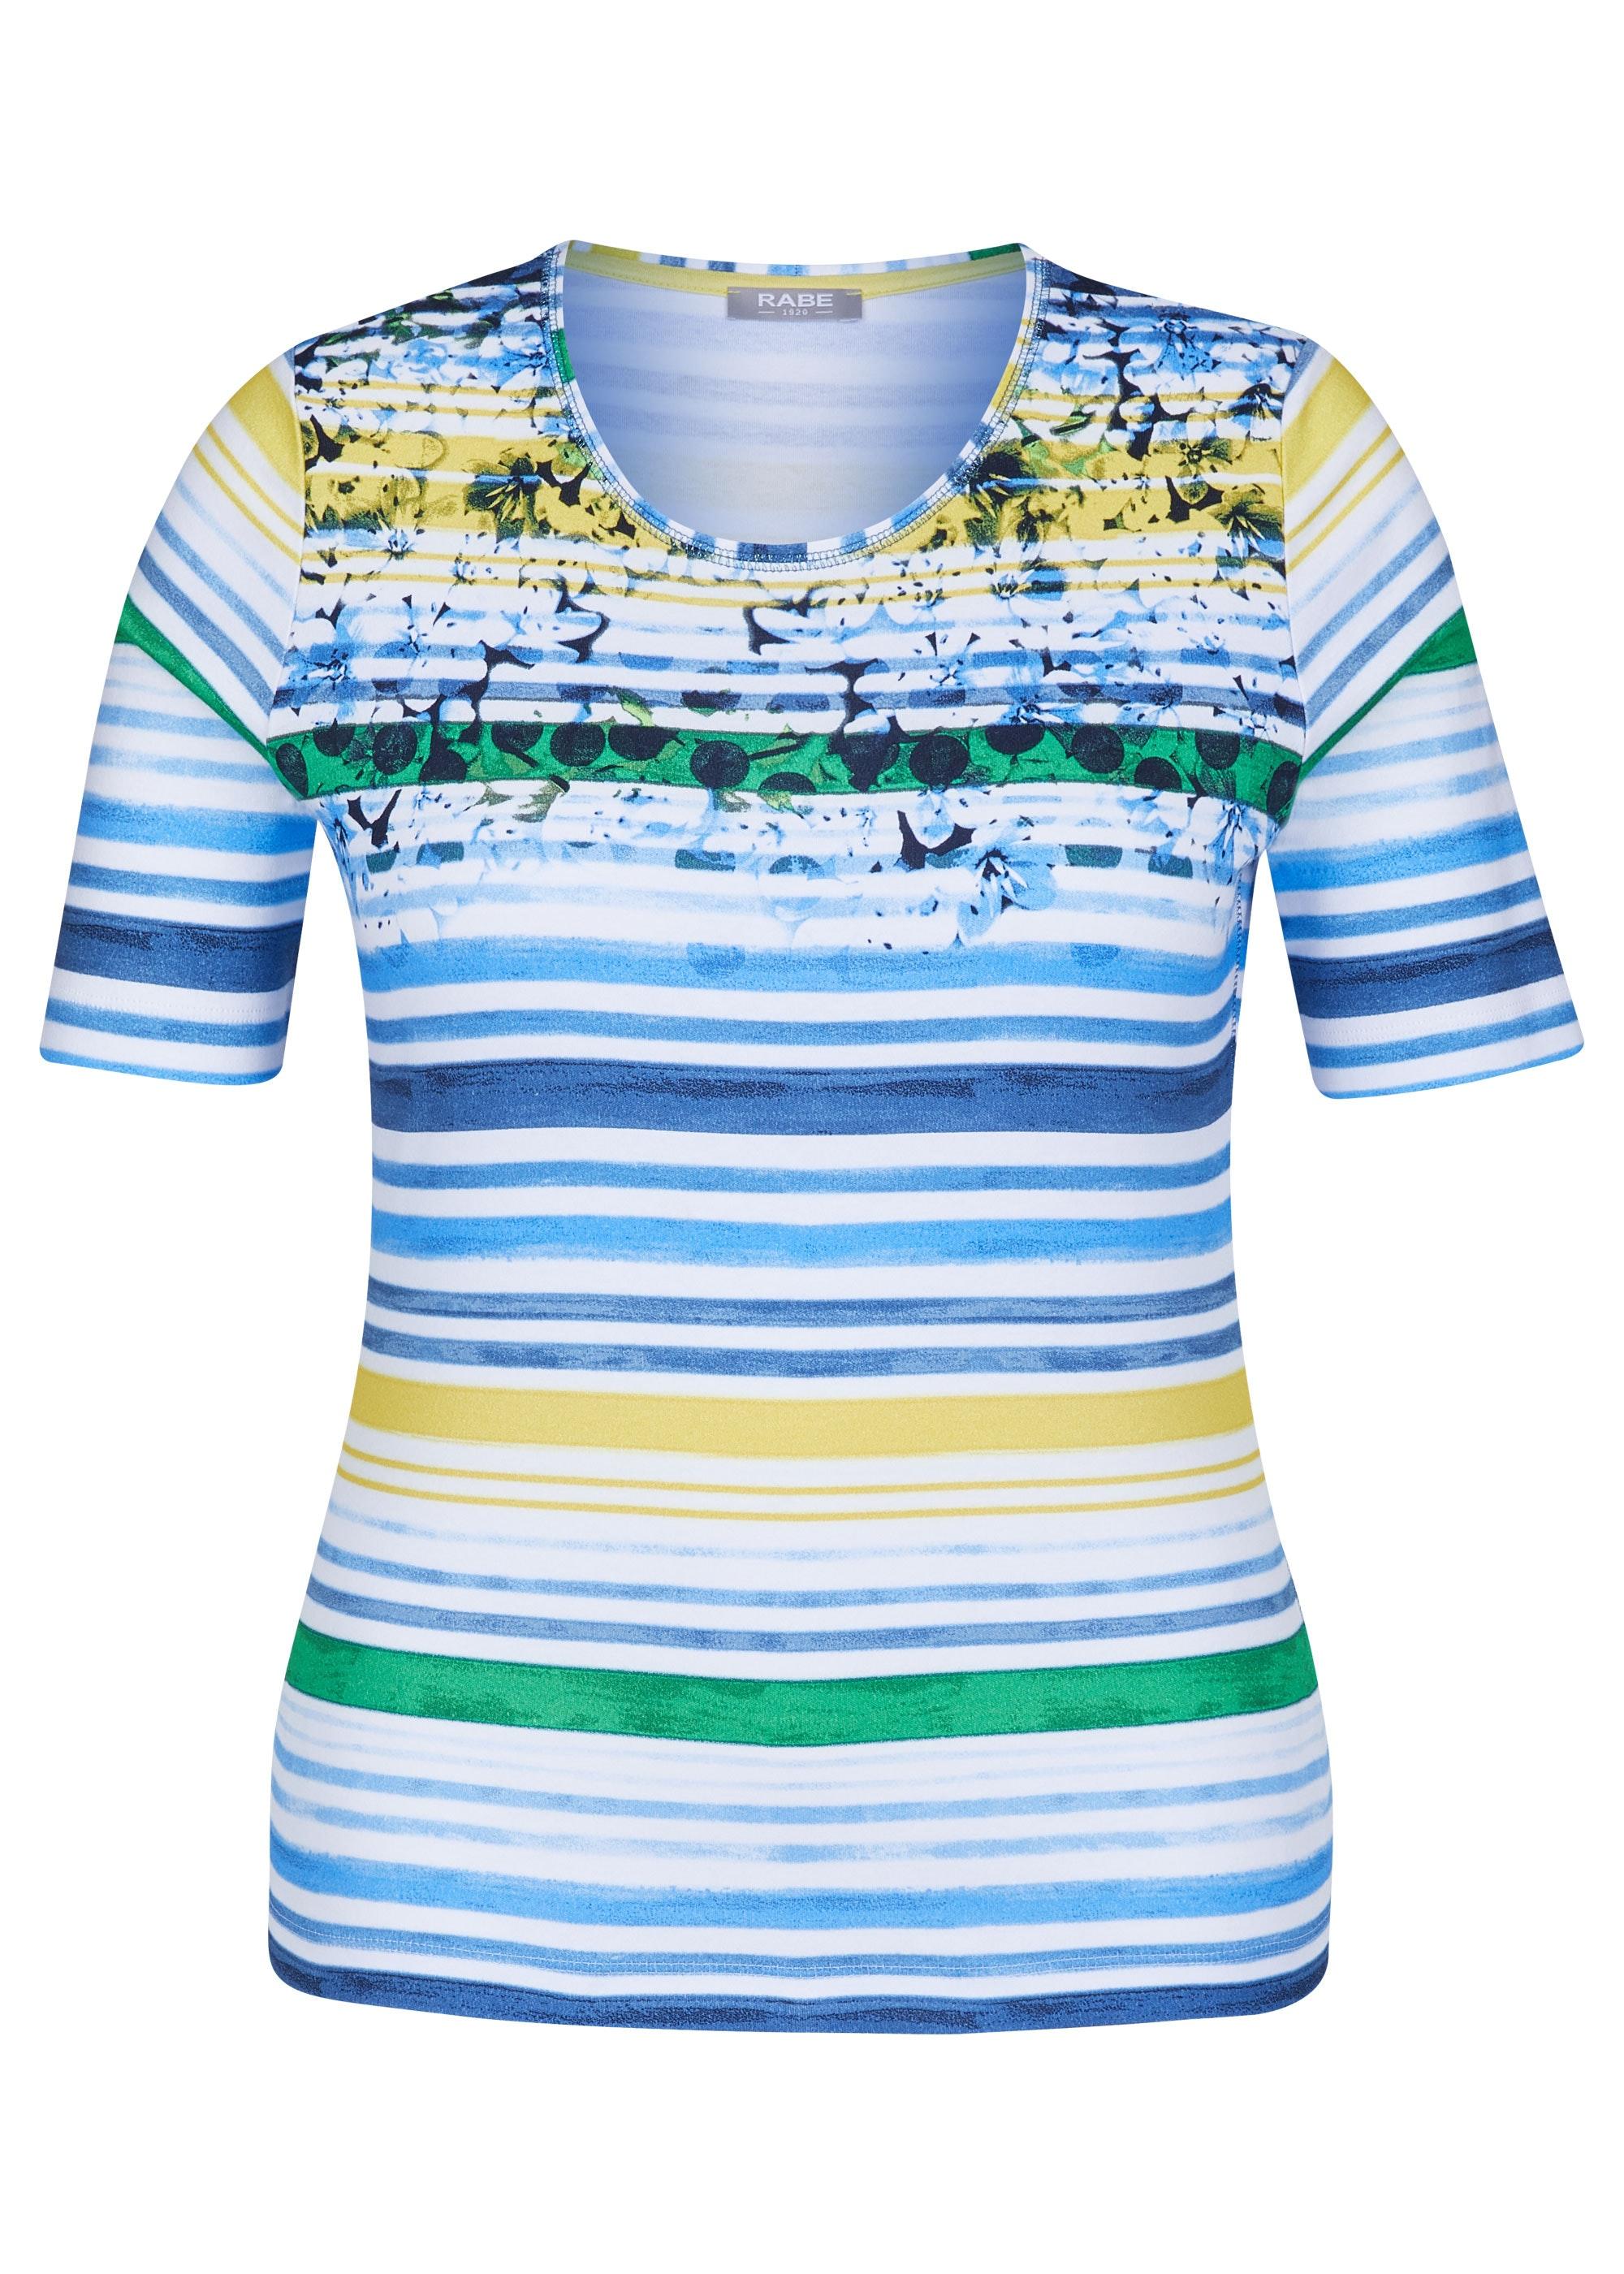 Rabe halbarm Shirt aus Baumwolle mit geblümten Details blau gestreift